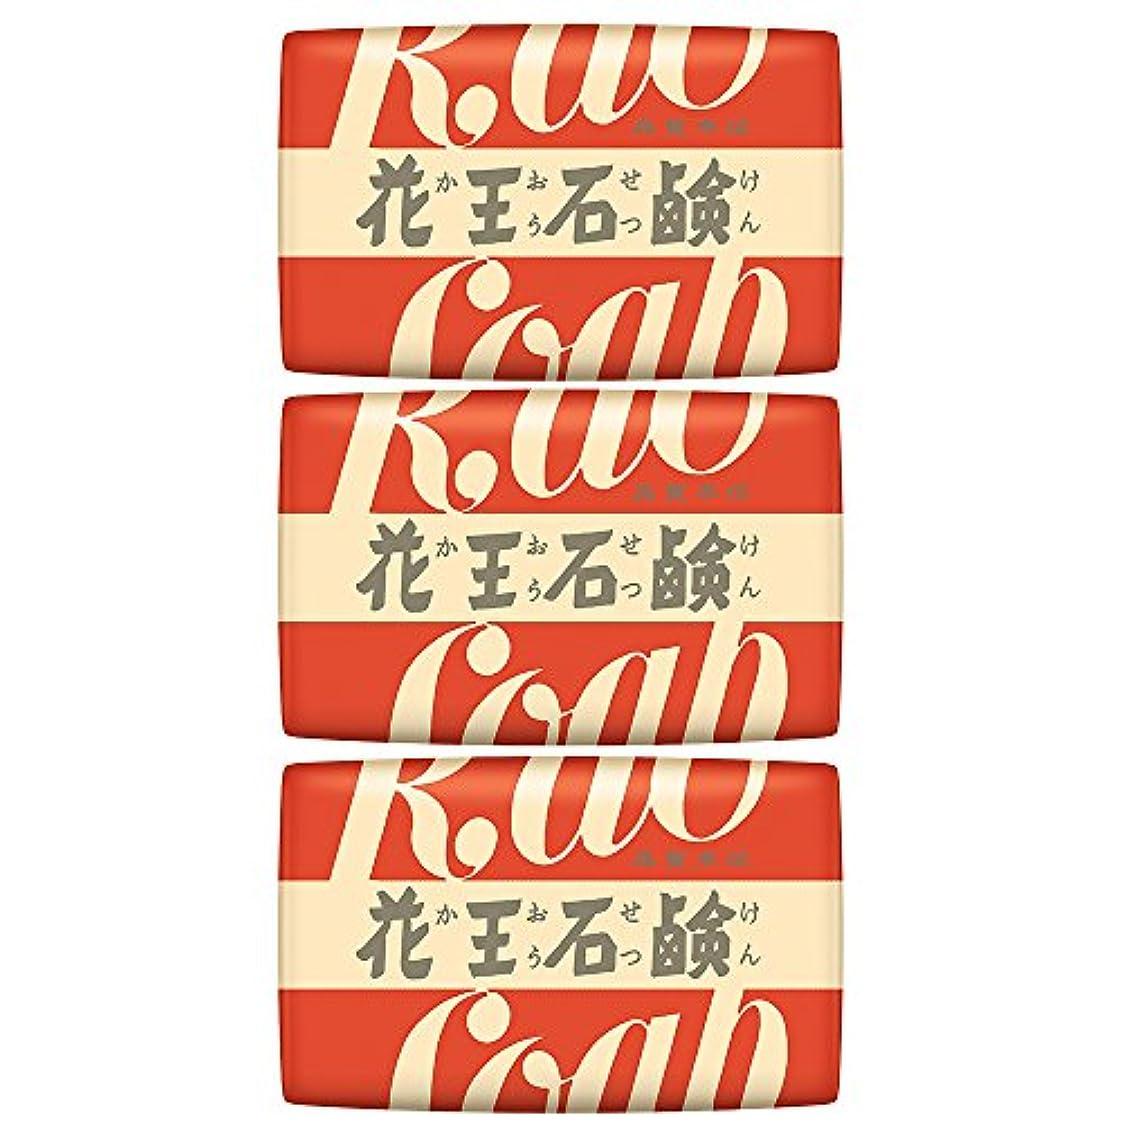 ばかげた水族館形容詞花王ホワイト バスサイズ 3コパック 復刻デザインパッケージ